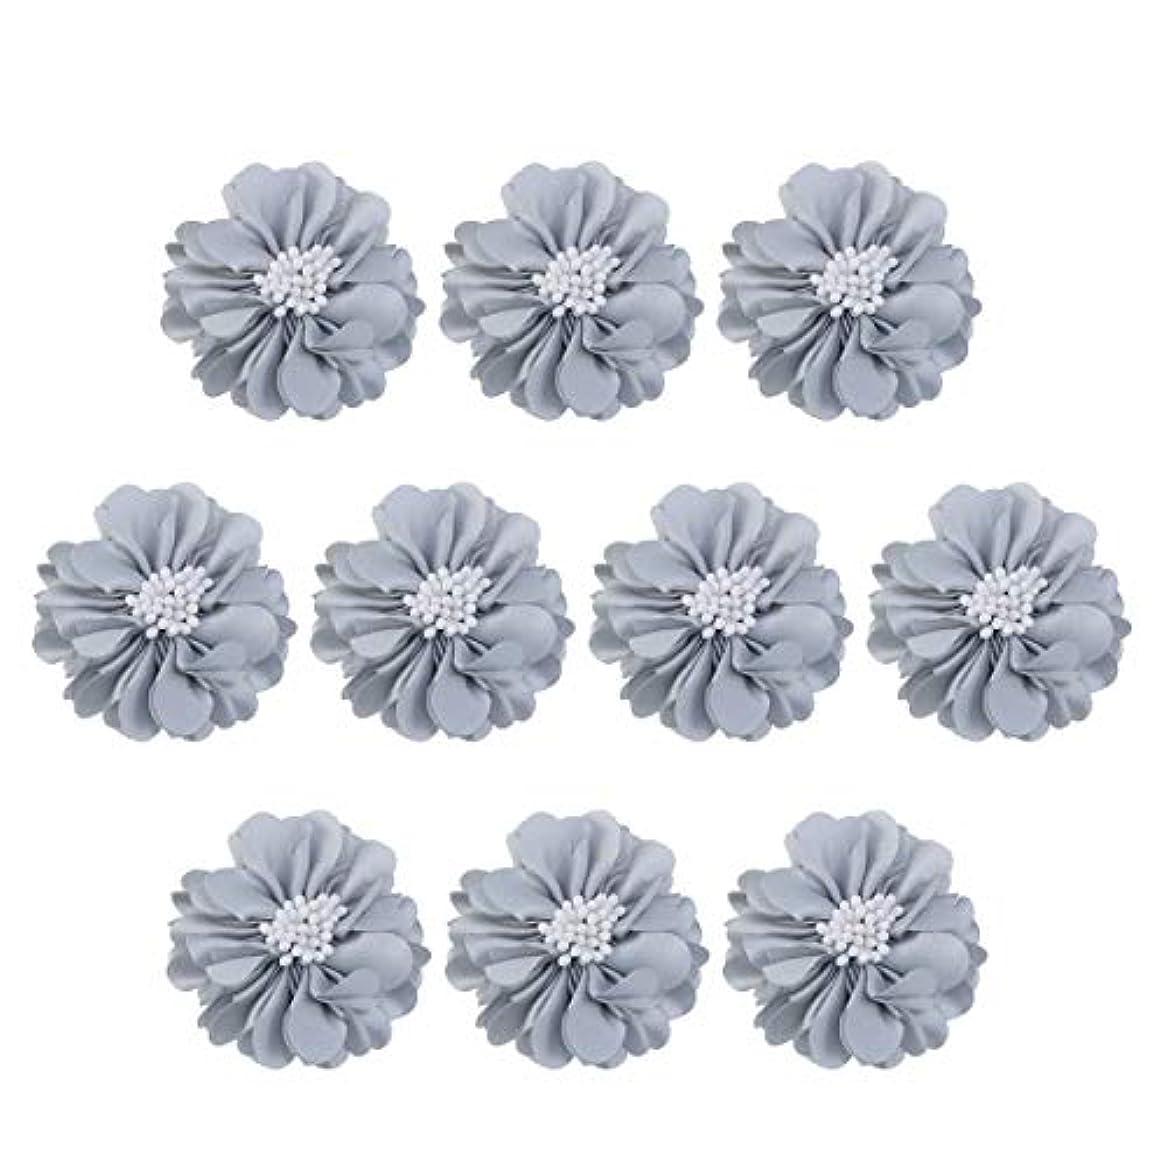 クリーナー敬礼帰するVosarea 10個装飾シフォン花平底美しいDIY手作りぼろぼろの花のヘアクリップヘアアクセサリー(ブルー)